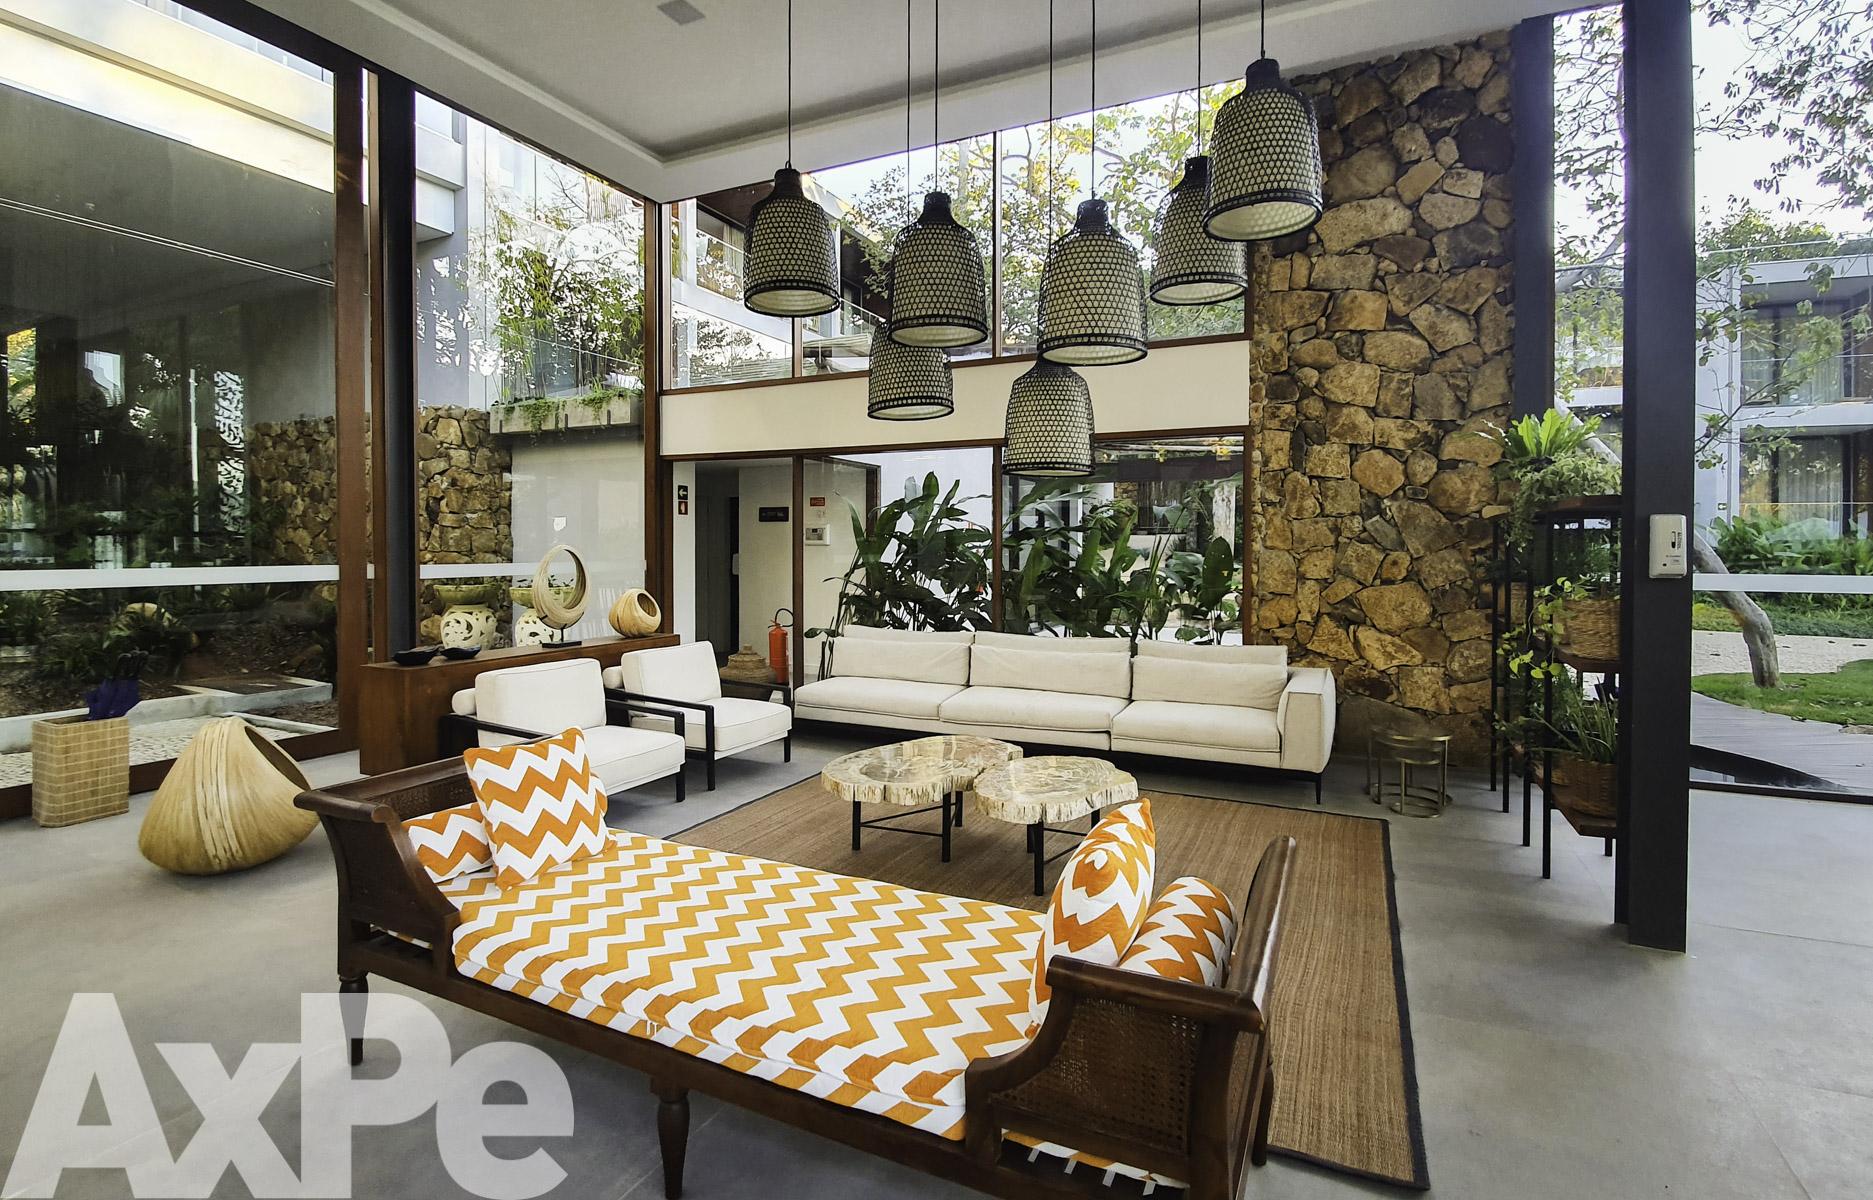 Axpe Apartamento - AX146742